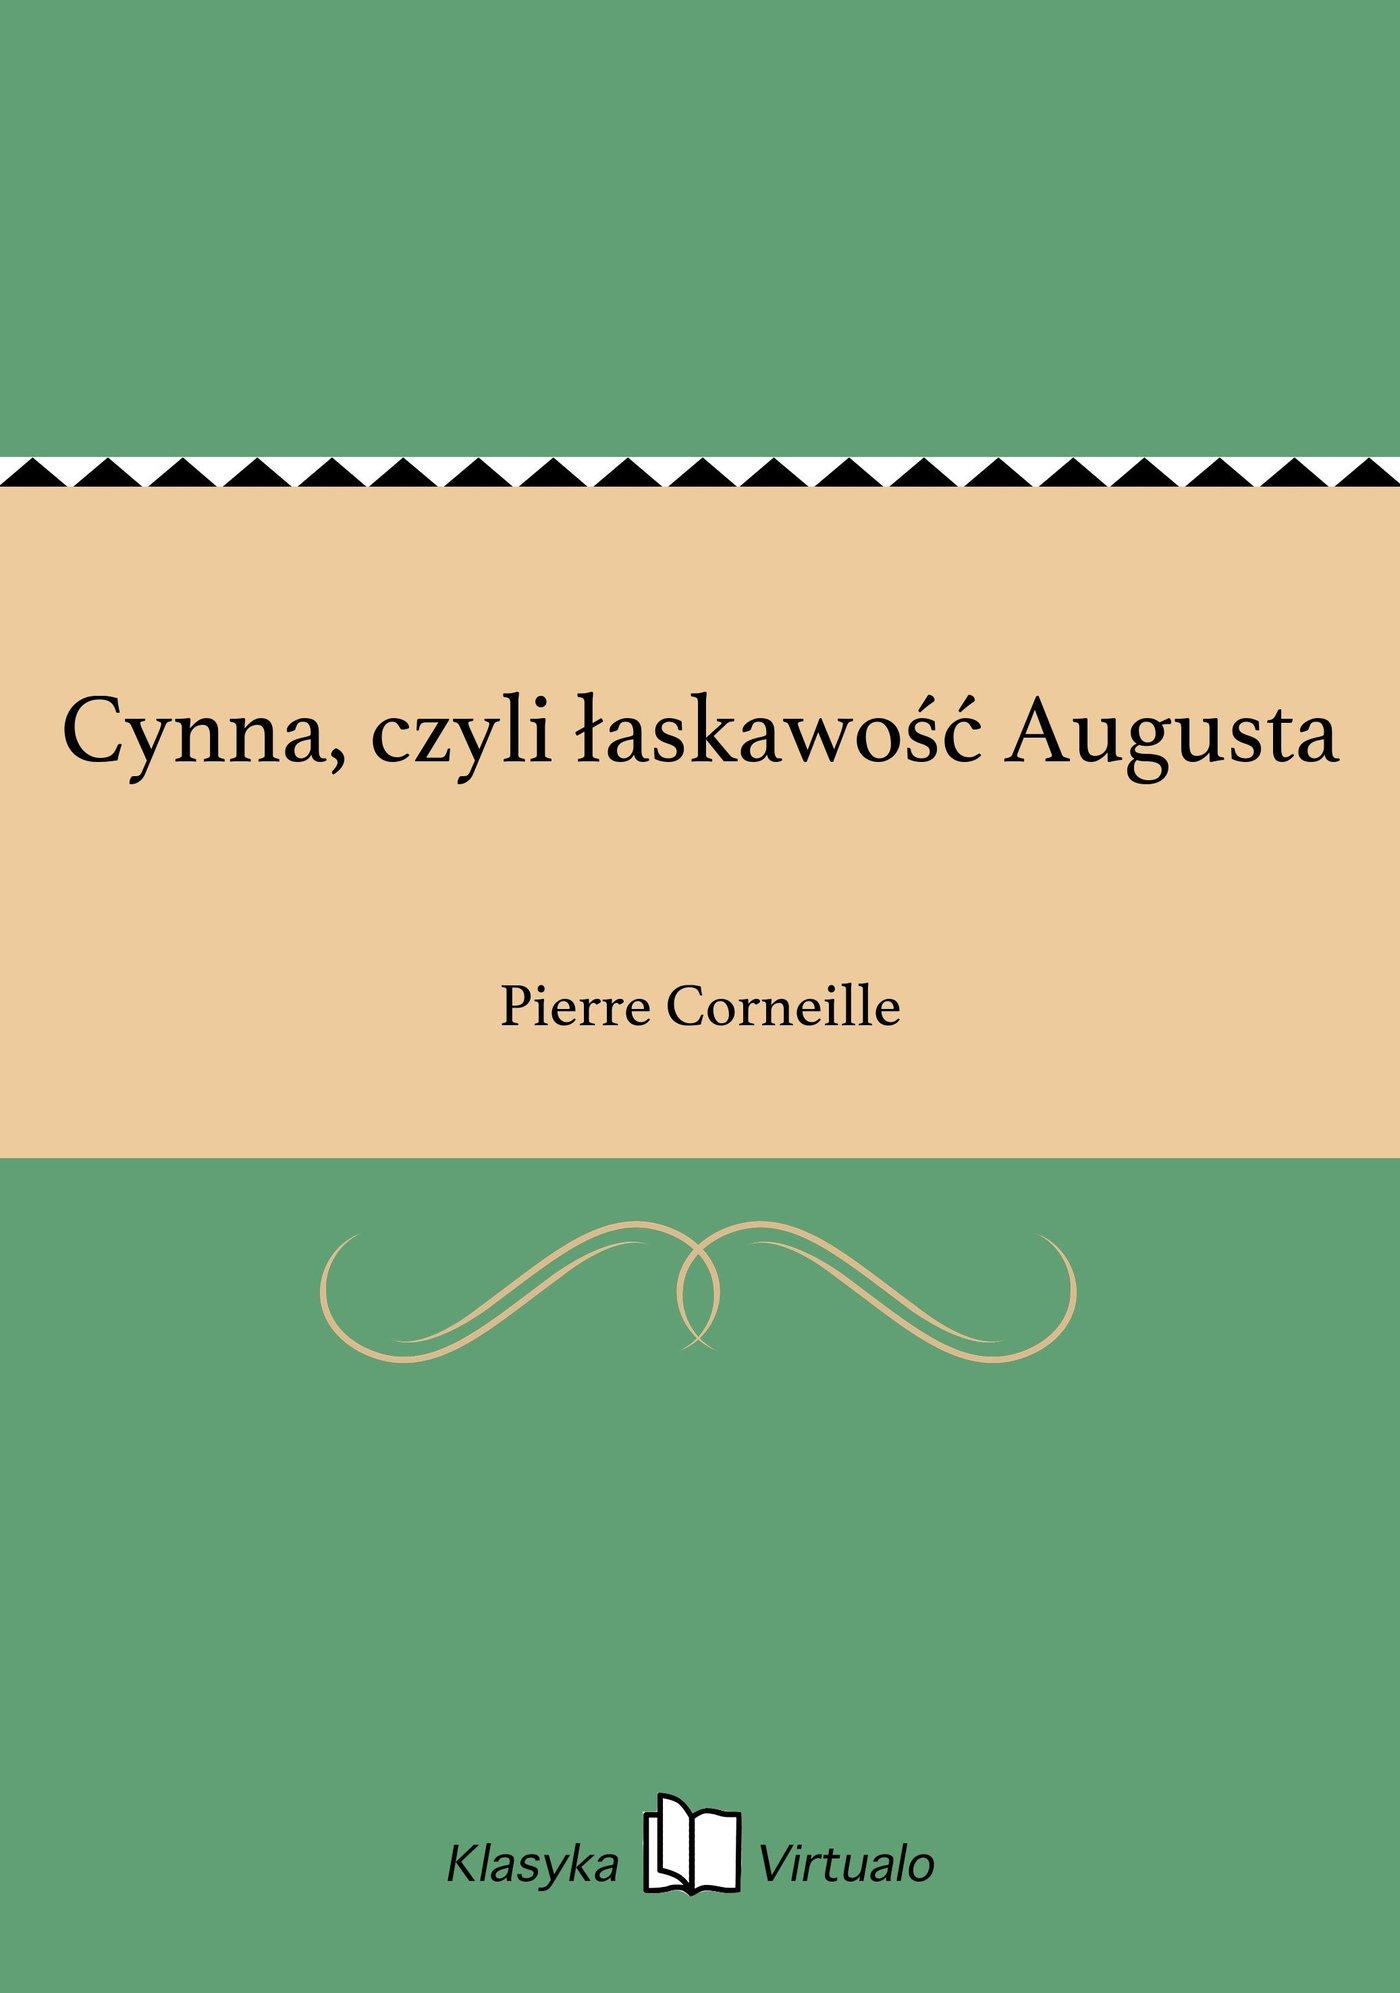 Cynna, czyli łaskawość Augusta - Ebook (Książka na Kindle) do pobrania w formacie MOBI